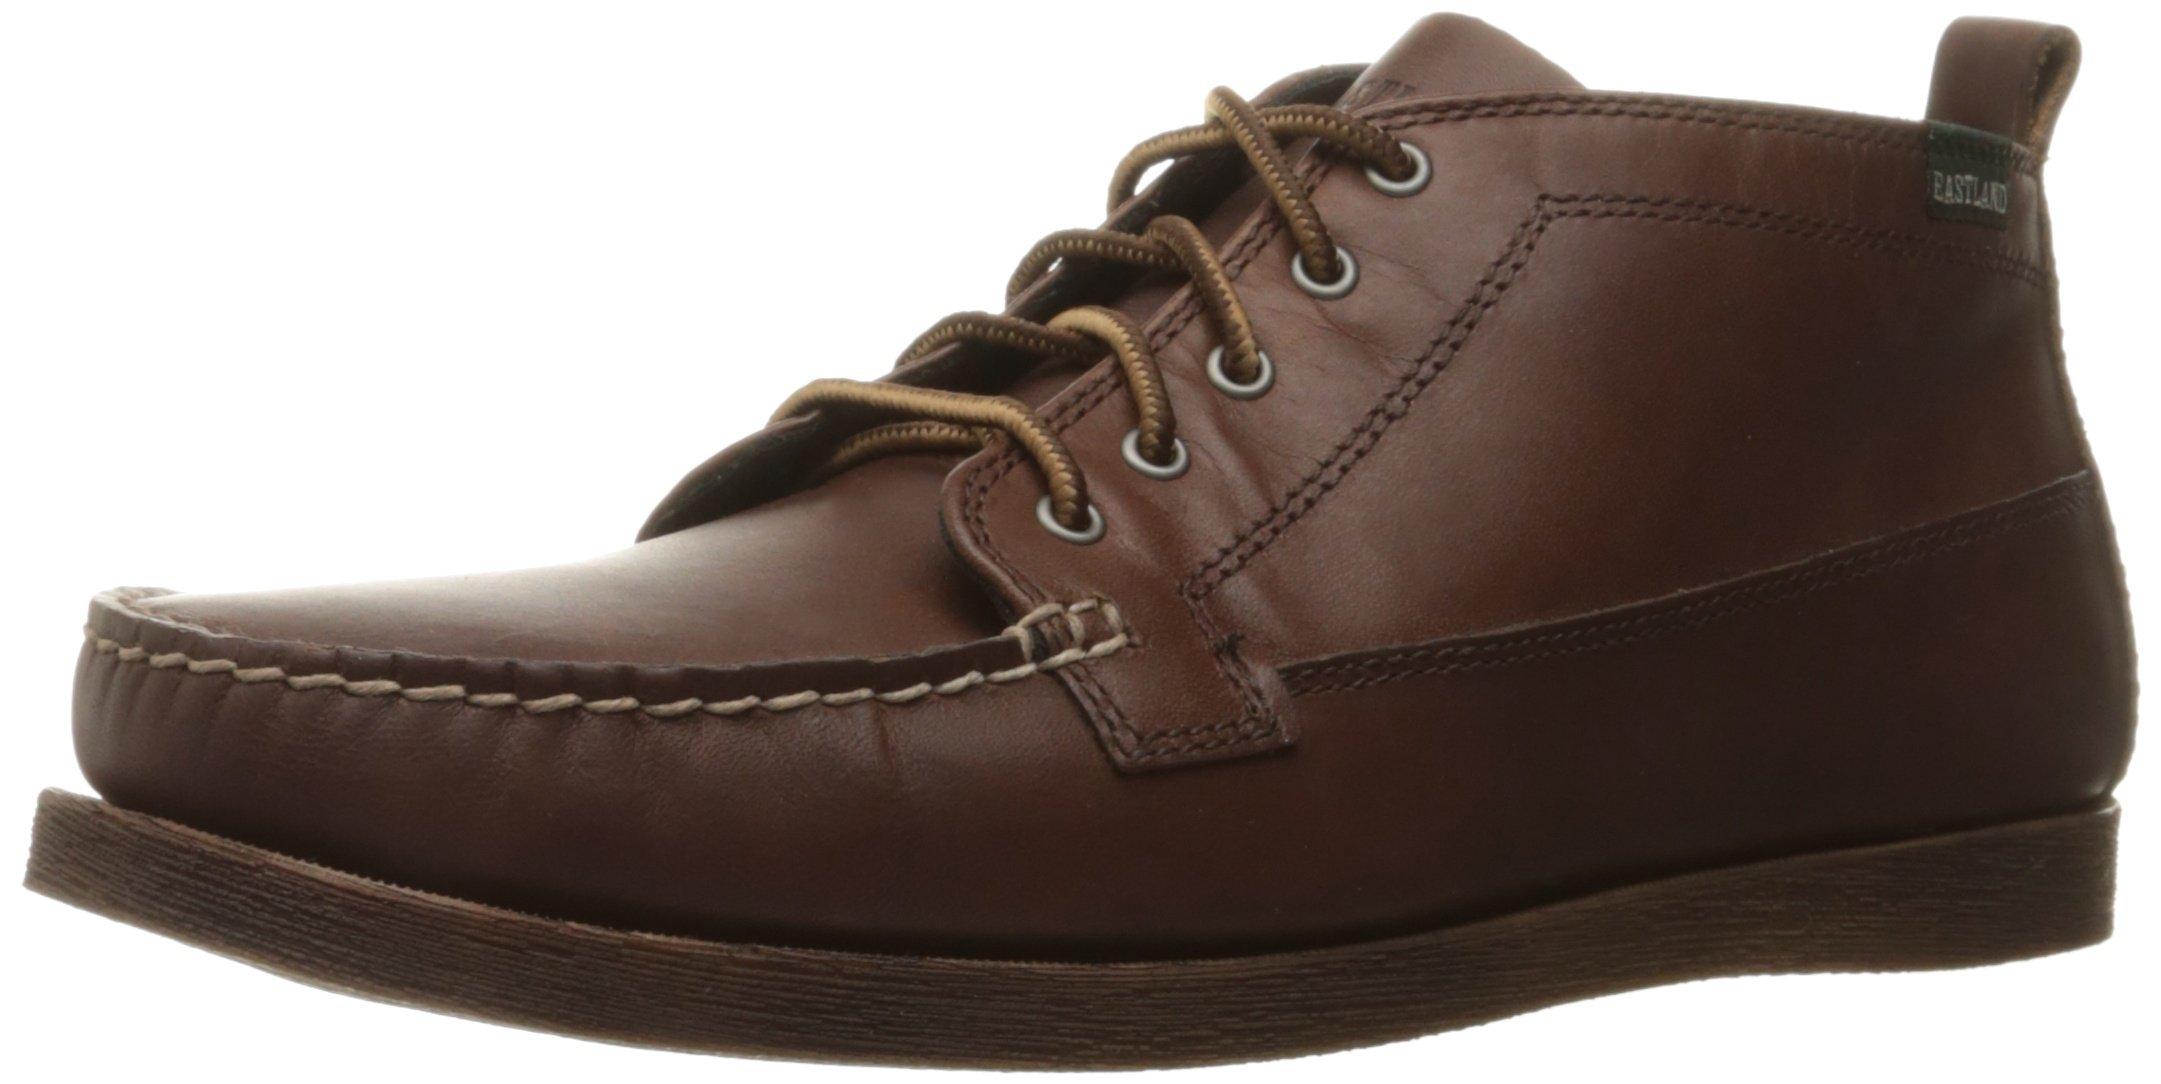 Eastland Women's Seneca Brown Boot - 11 B(M) US